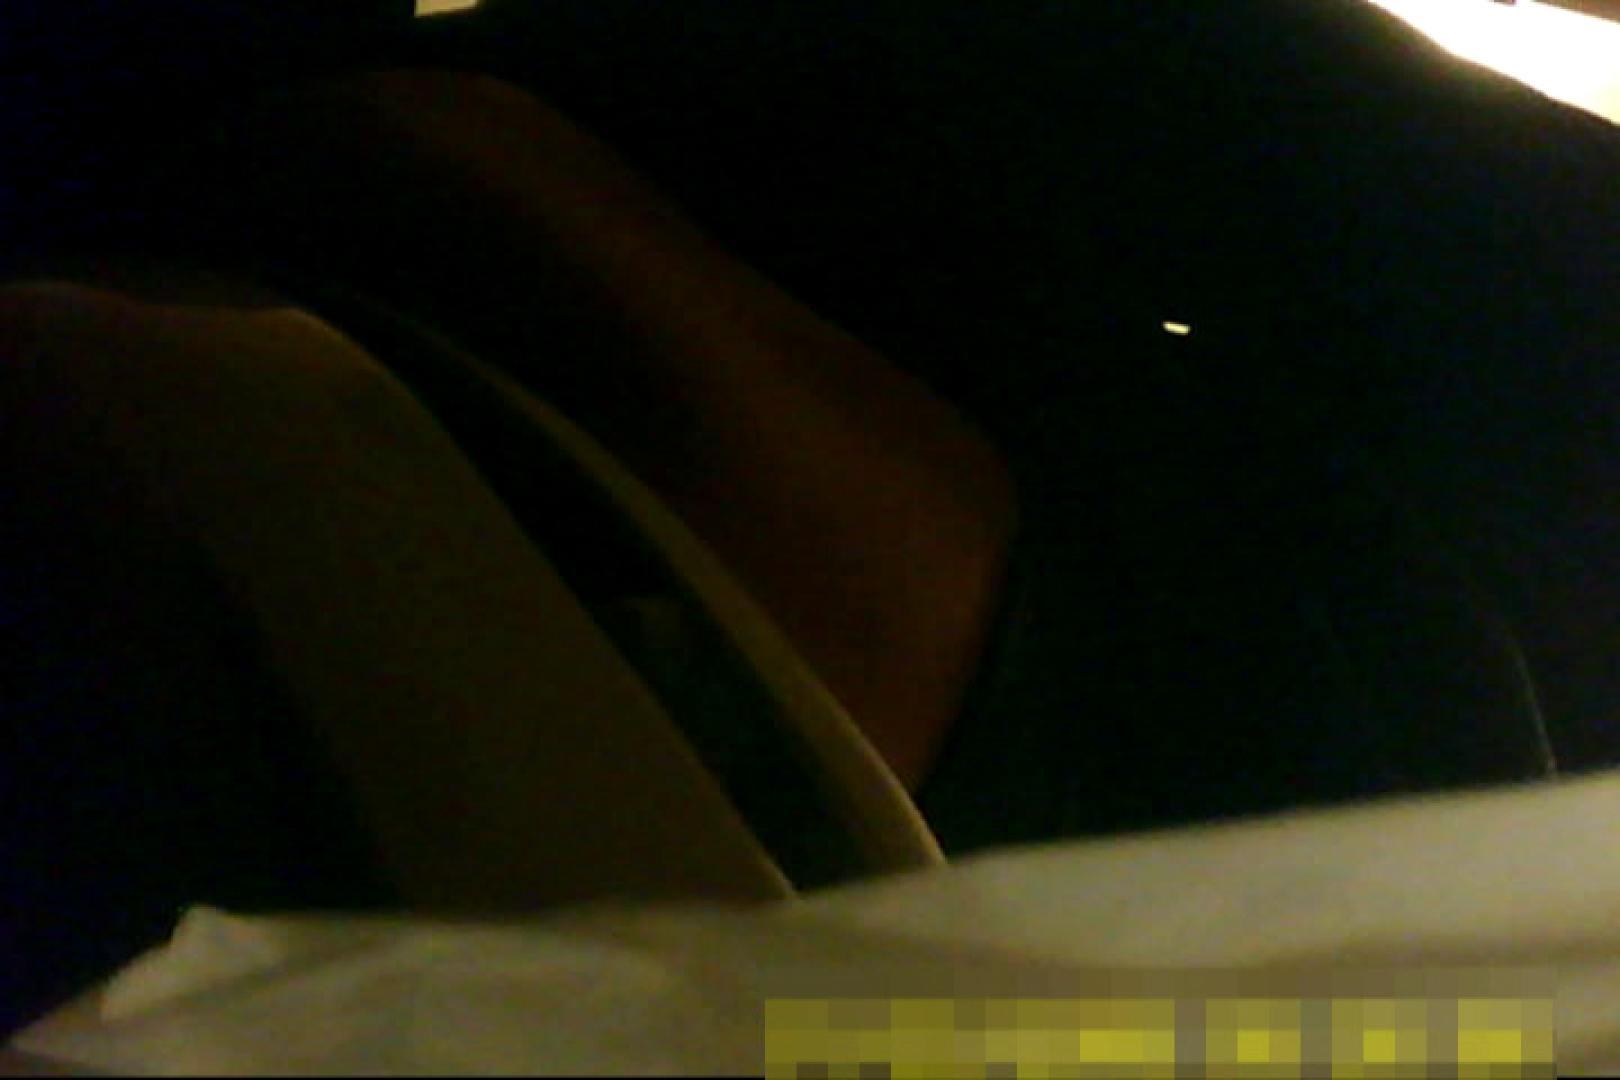 魅惑の化粧室~禁断のプライベート空間~vol.8 OLのエロ生活 オマンコ動画キャプチャ 110連発 17